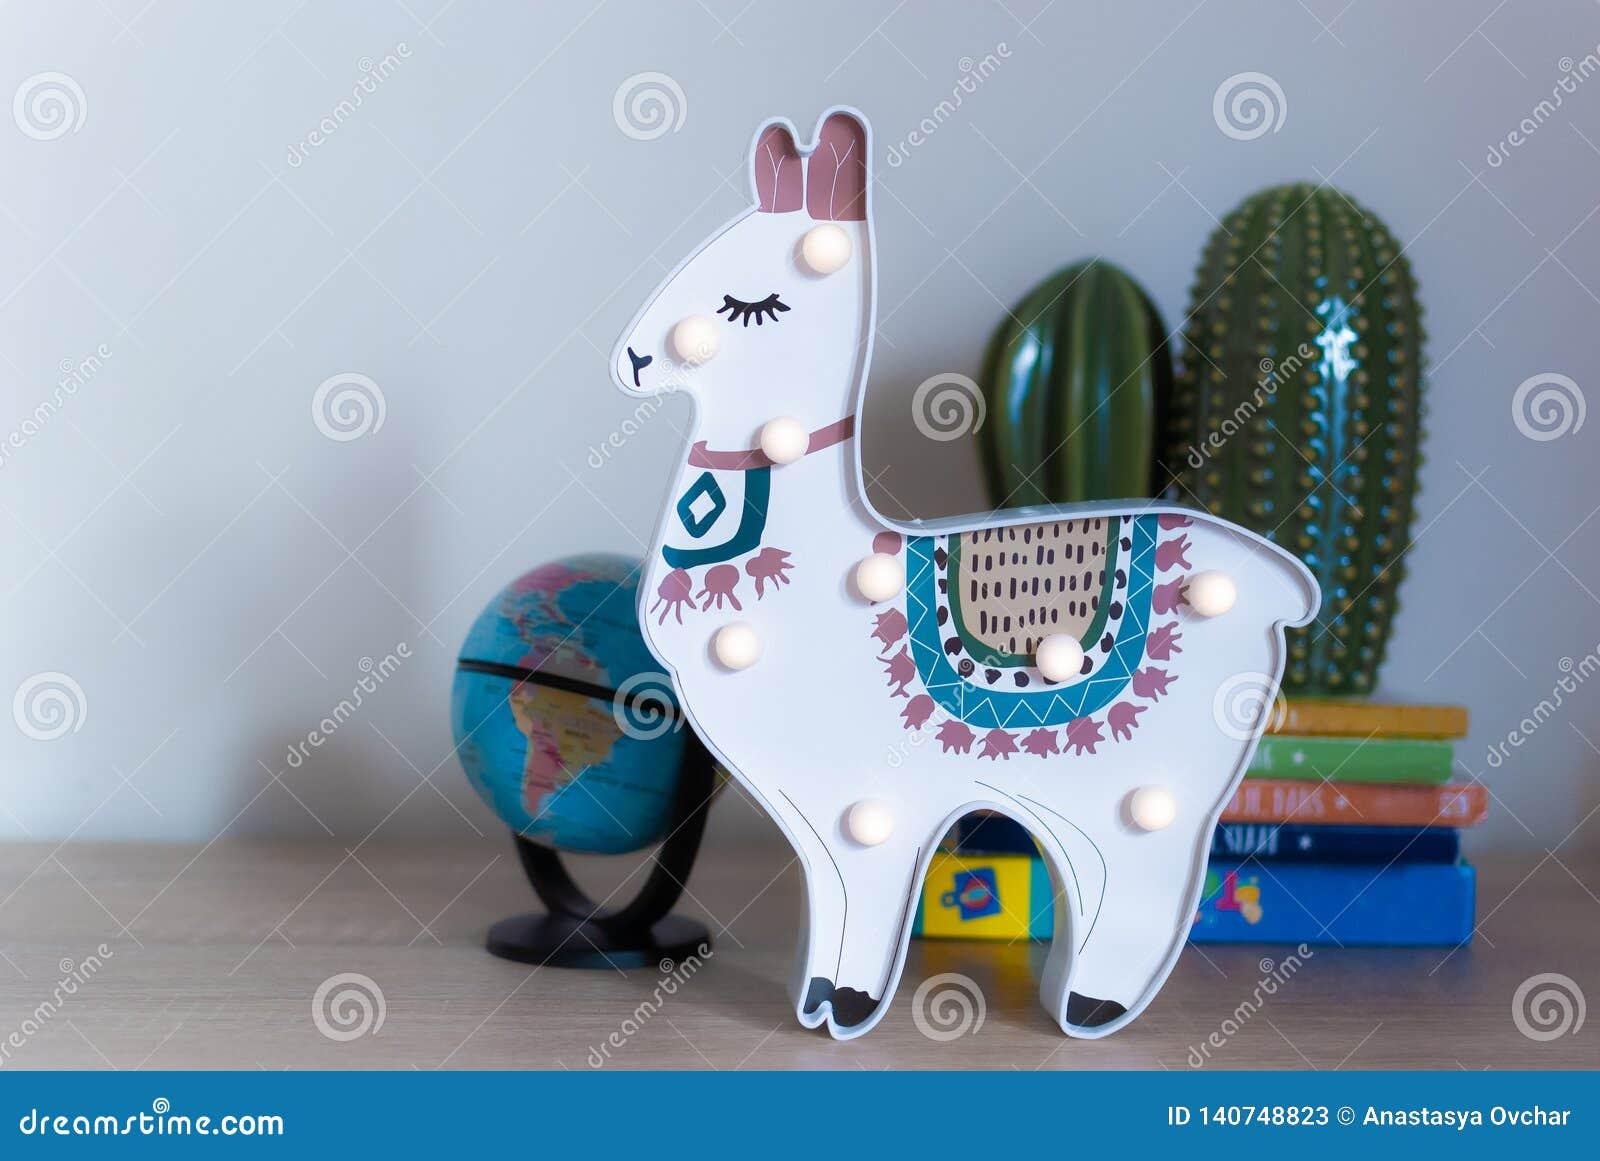 En moderiktig lama lurar nattlampanseende på en sängkant i gryning eller soluppgångljus